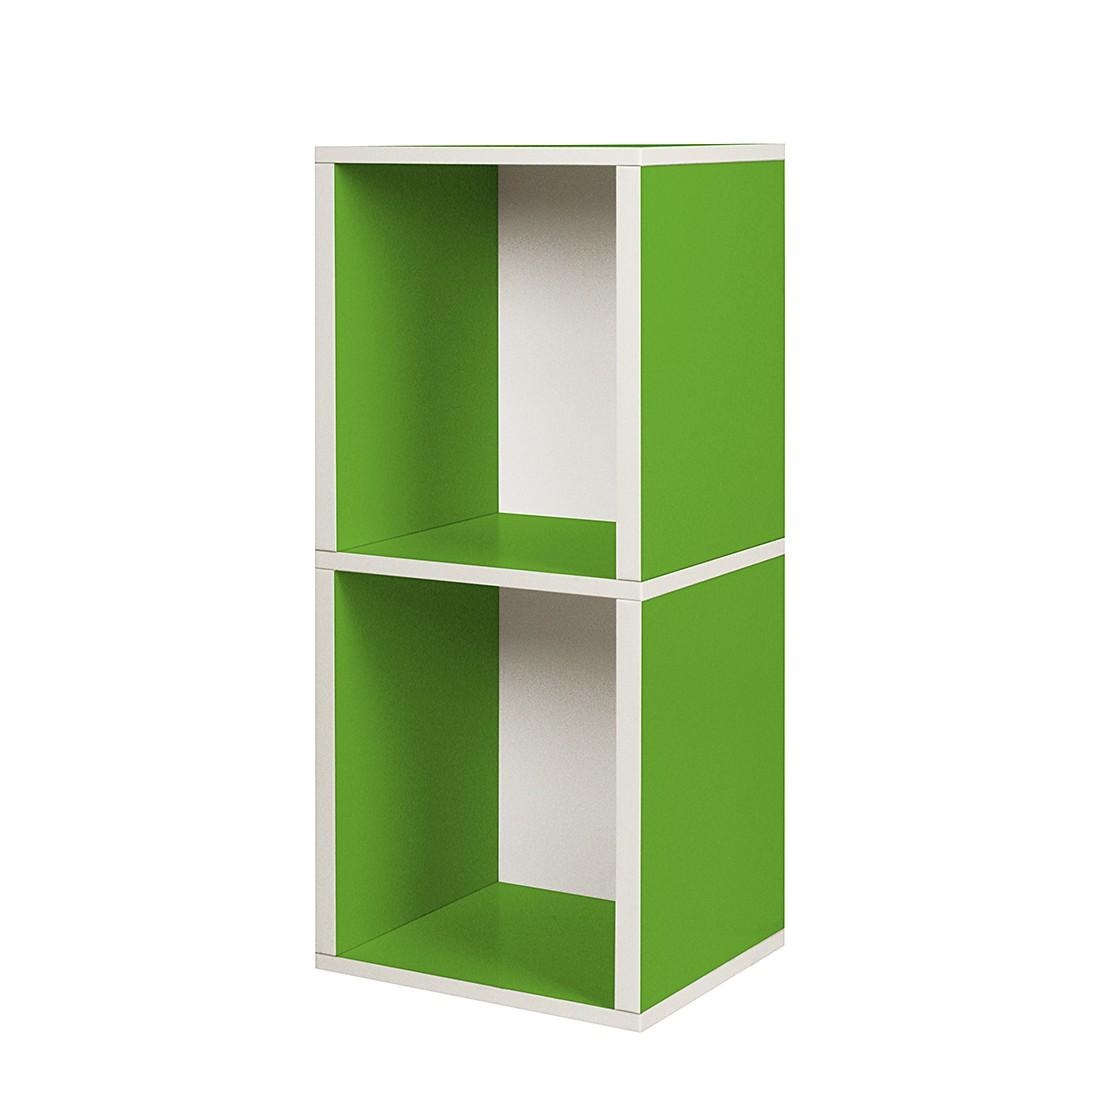 Modulares Schranksystem Cube Plus 2 Grün, waybasics online bestellen